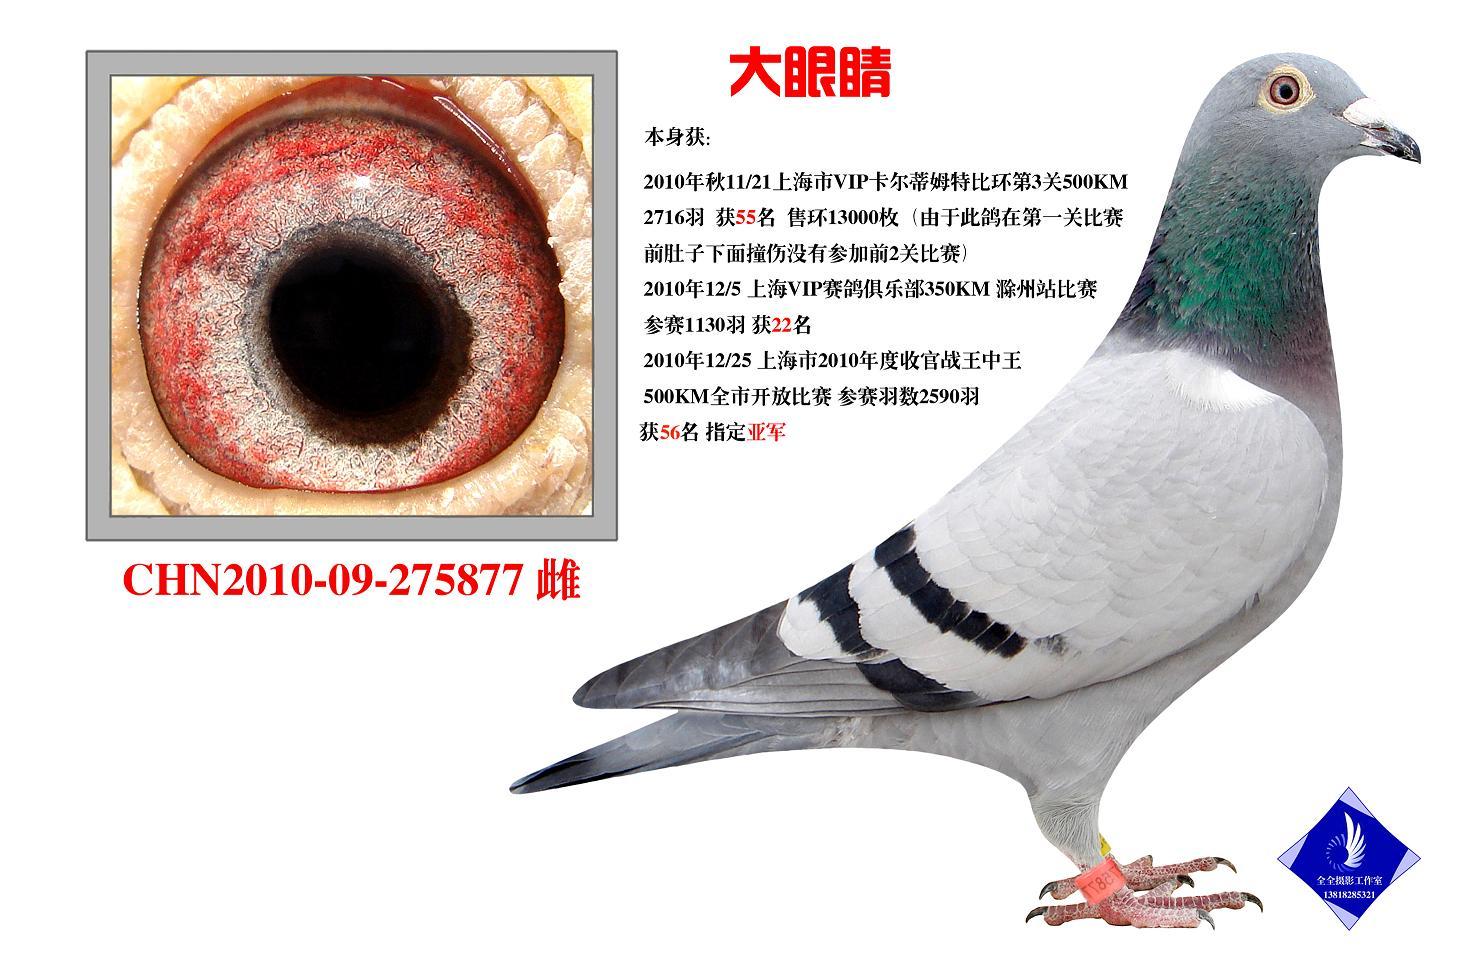 大眼睛 已转西安鸽友收藏